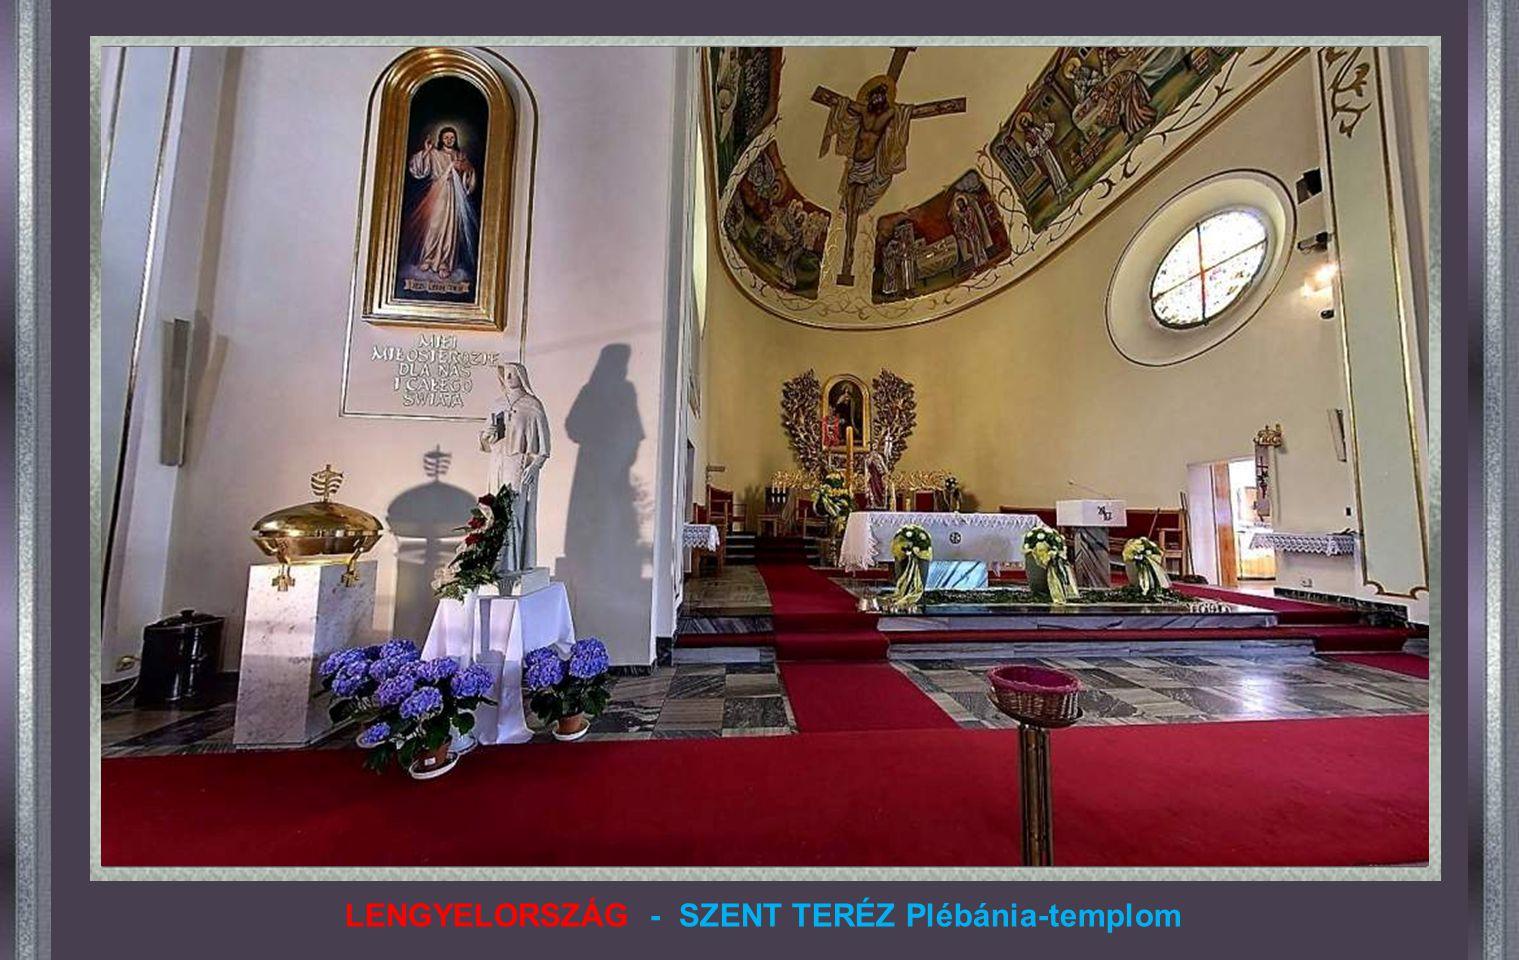 PRÁGA - SZENT MIKLÓS Templom